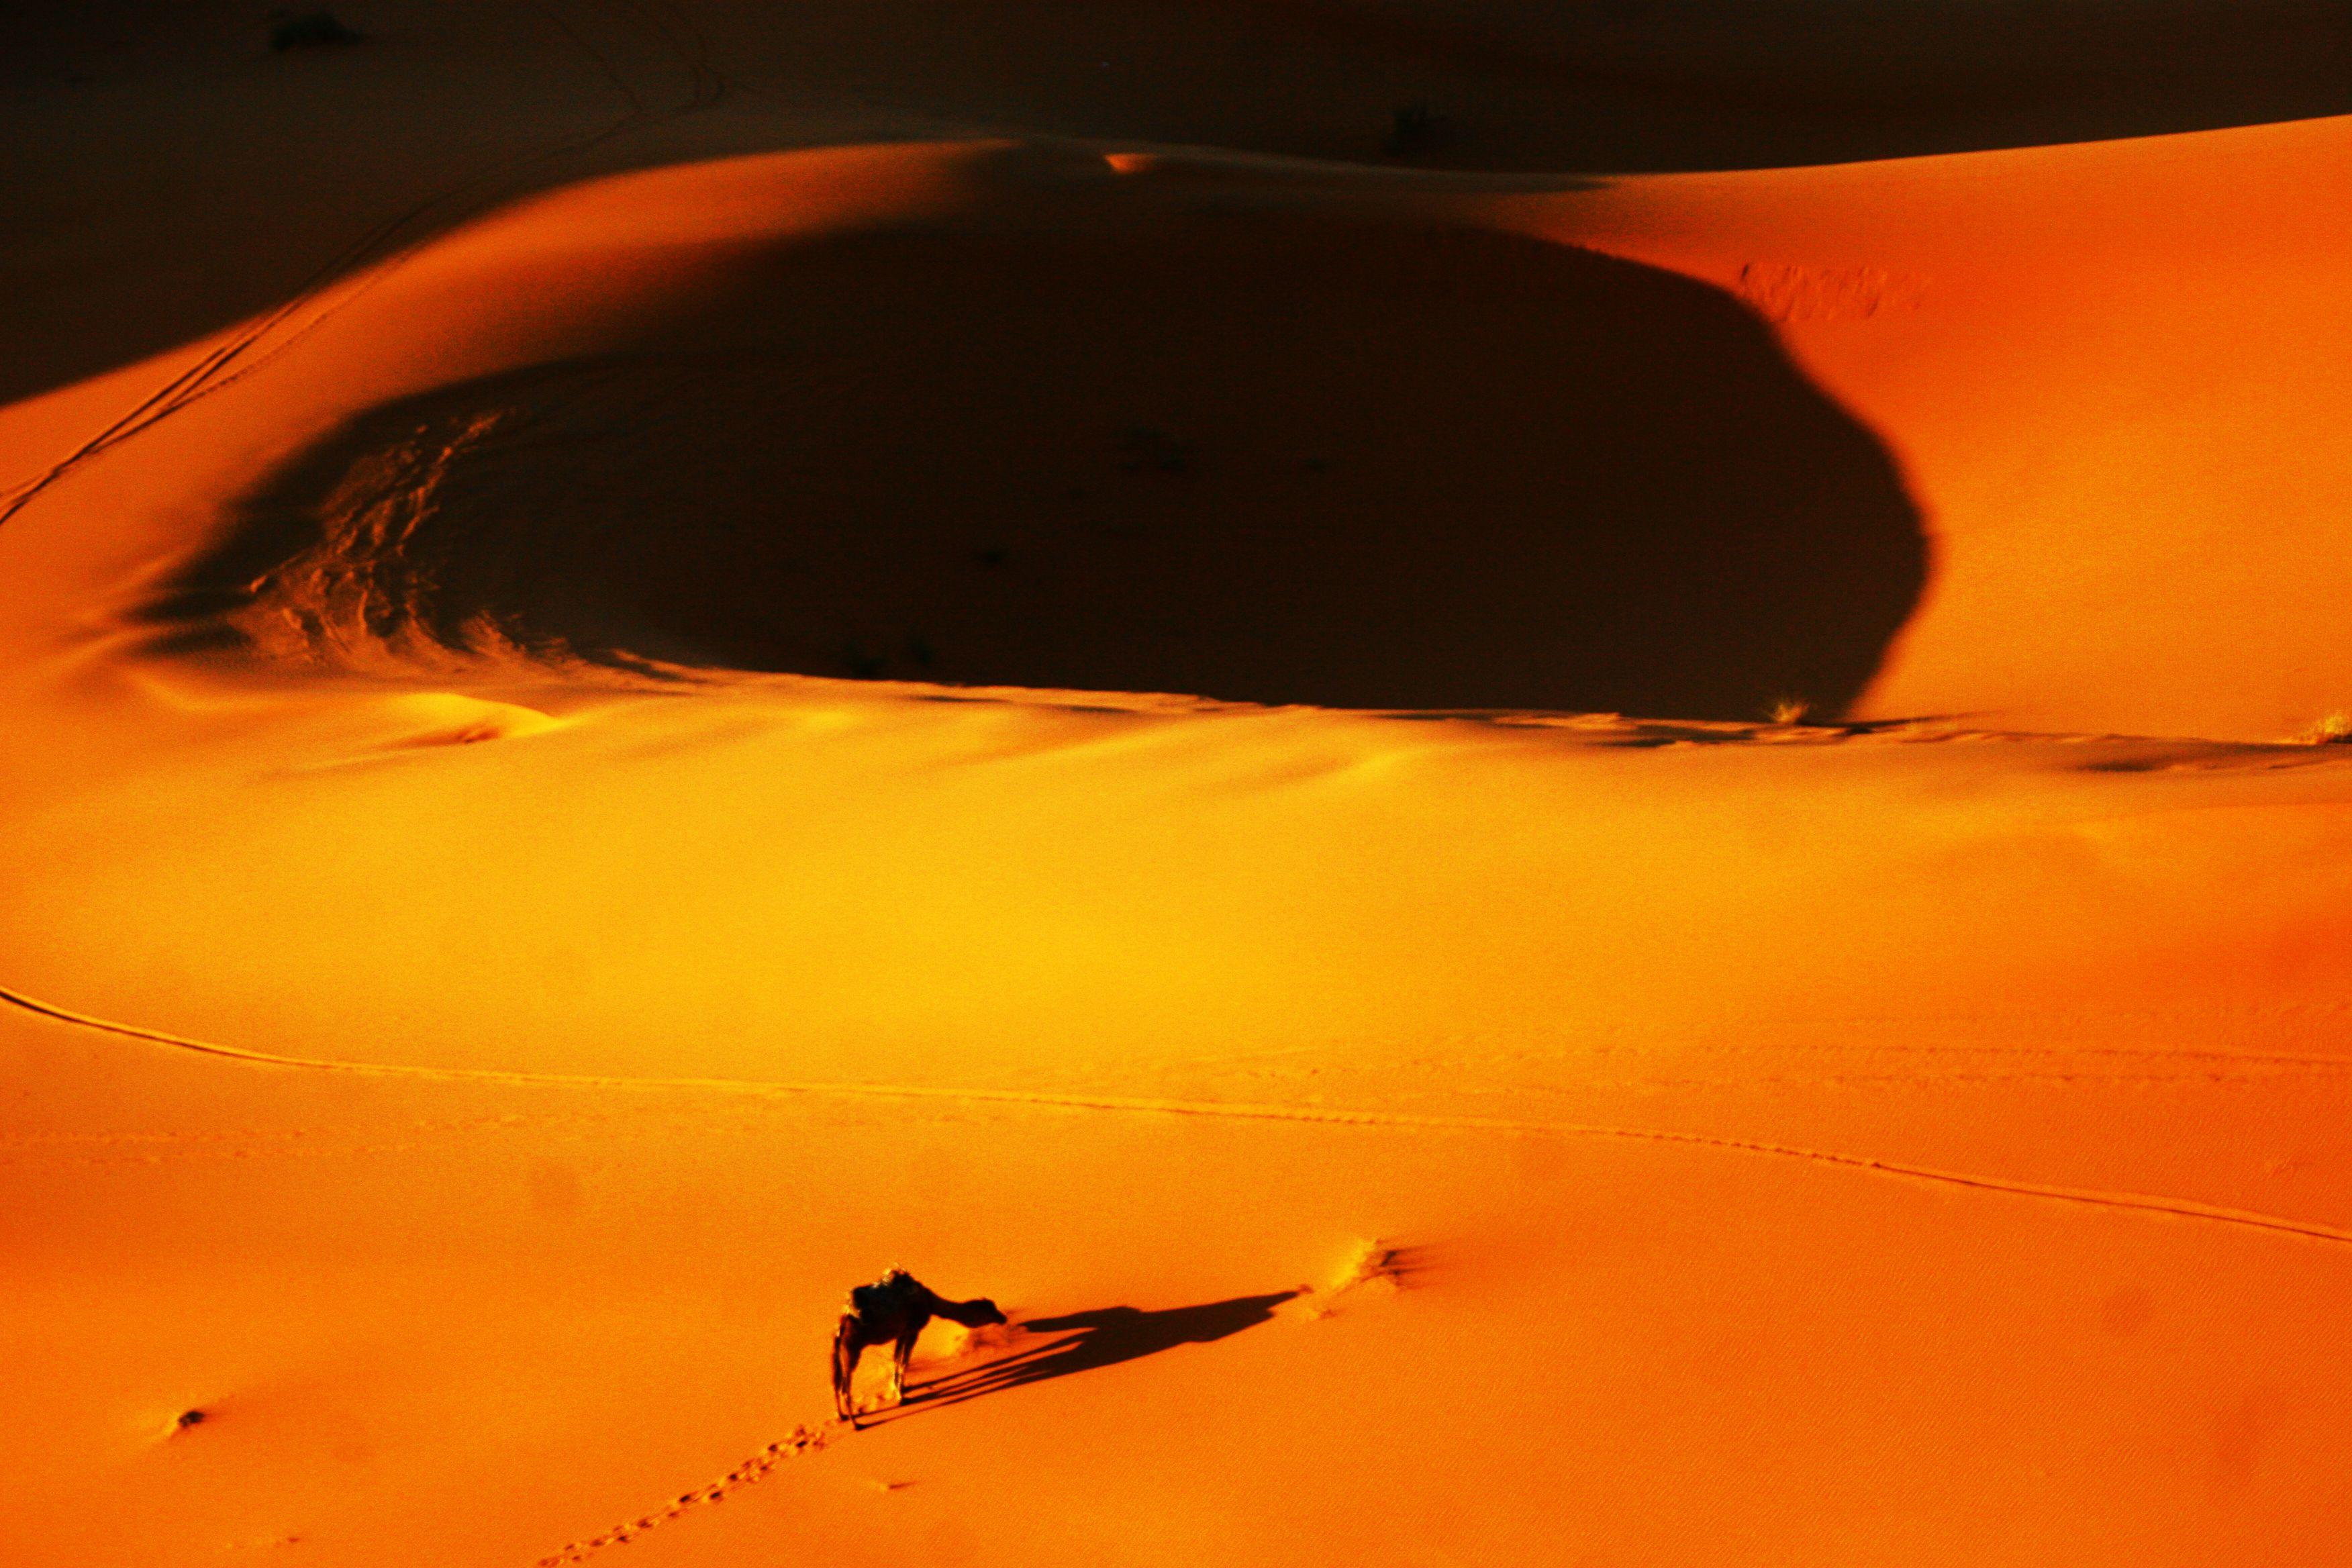 Merzouga desert, Marroc. Desierto de Merzouga, Marruecos.